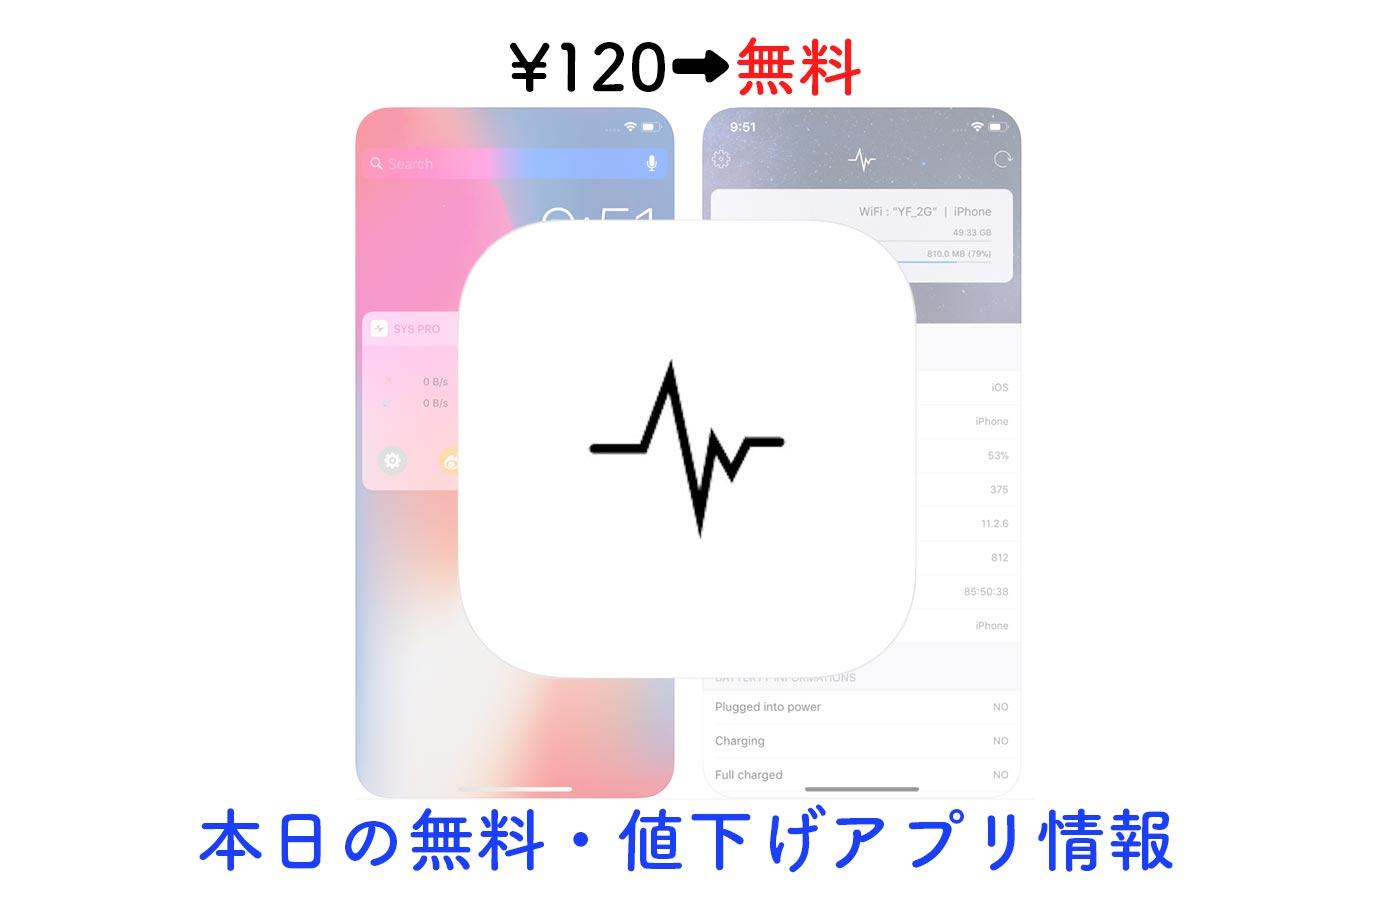 ¥120→無料、データ通信速度やシステム状況などがわかる「SYS Pro」など【3/13】本日の無料・値下げ情報